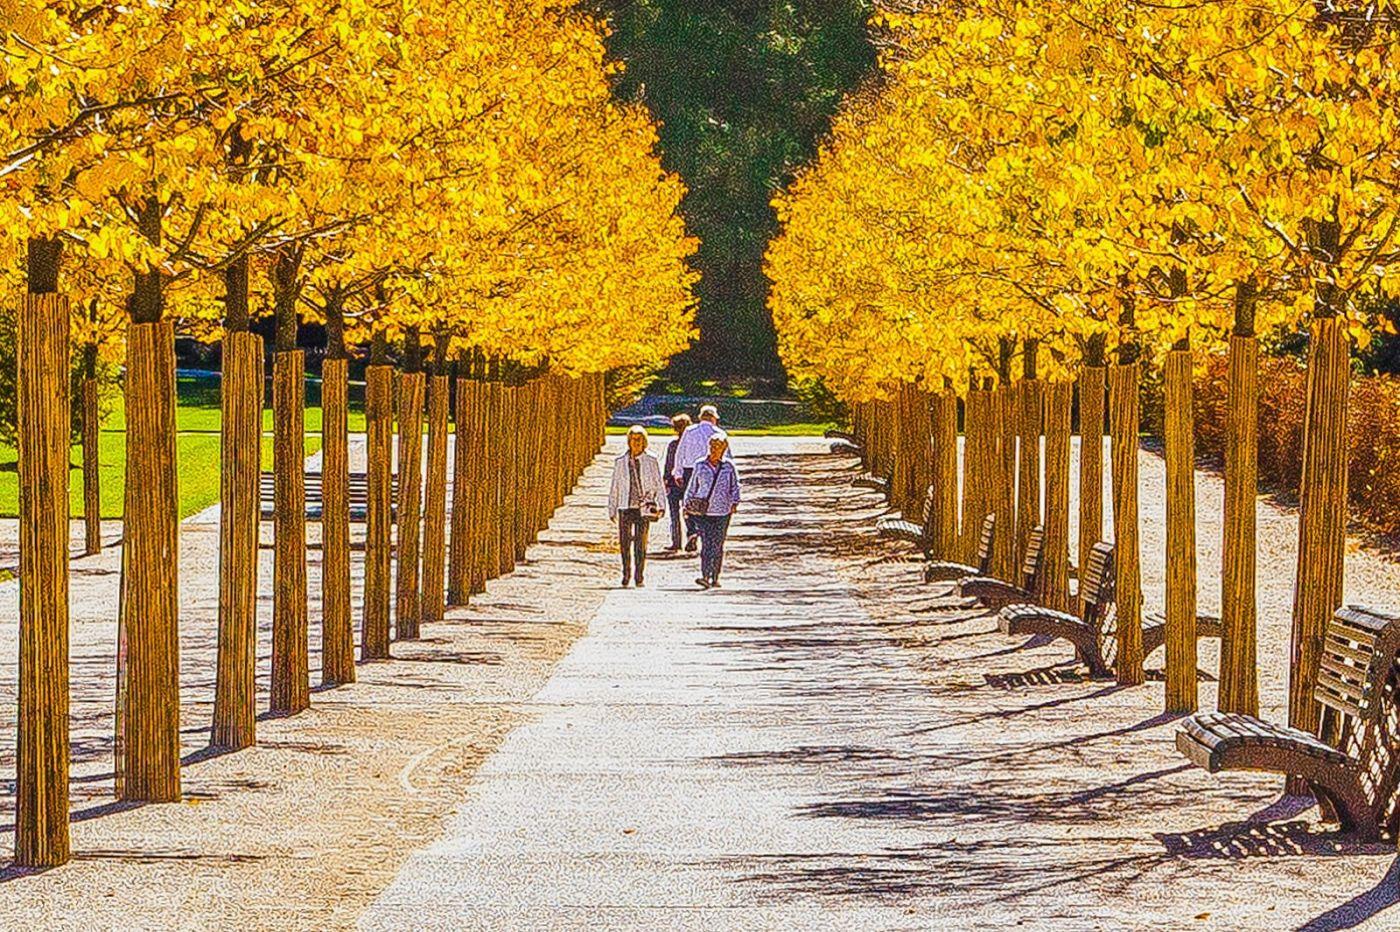 宾州长木公园,熟悉的景色_图1-14